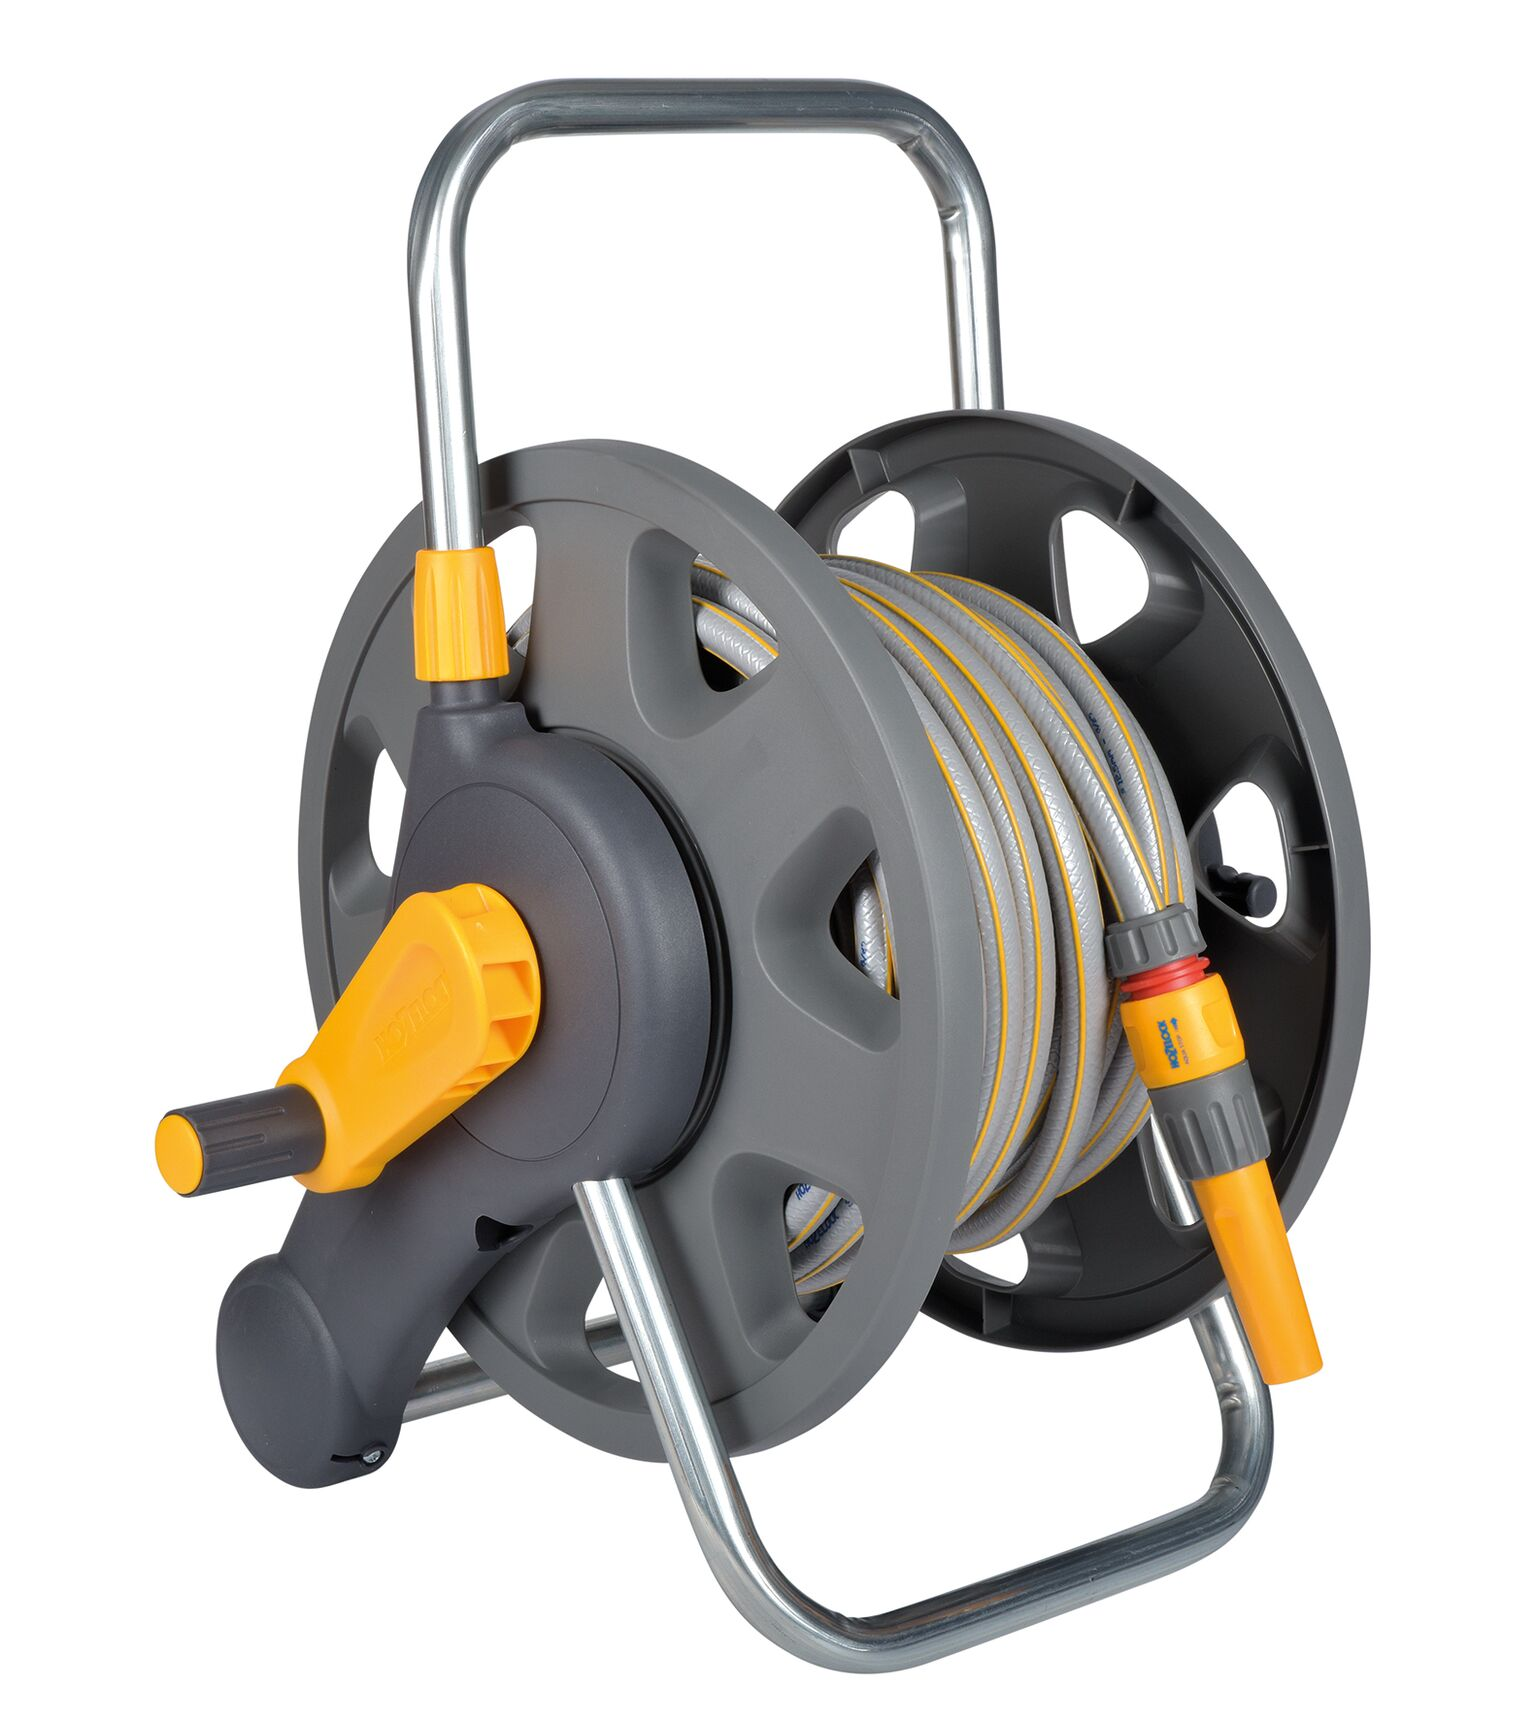 Катушка для шланга Hozelock 2431 с возможностью крепления на стену + шланг 1/2 25 м + коннекторы + наконечник для шланга, серый, желтый, красный катушка индуктивности jantzen cross coil 12 awg 2 mm 3 9 mh 0 42 ohm